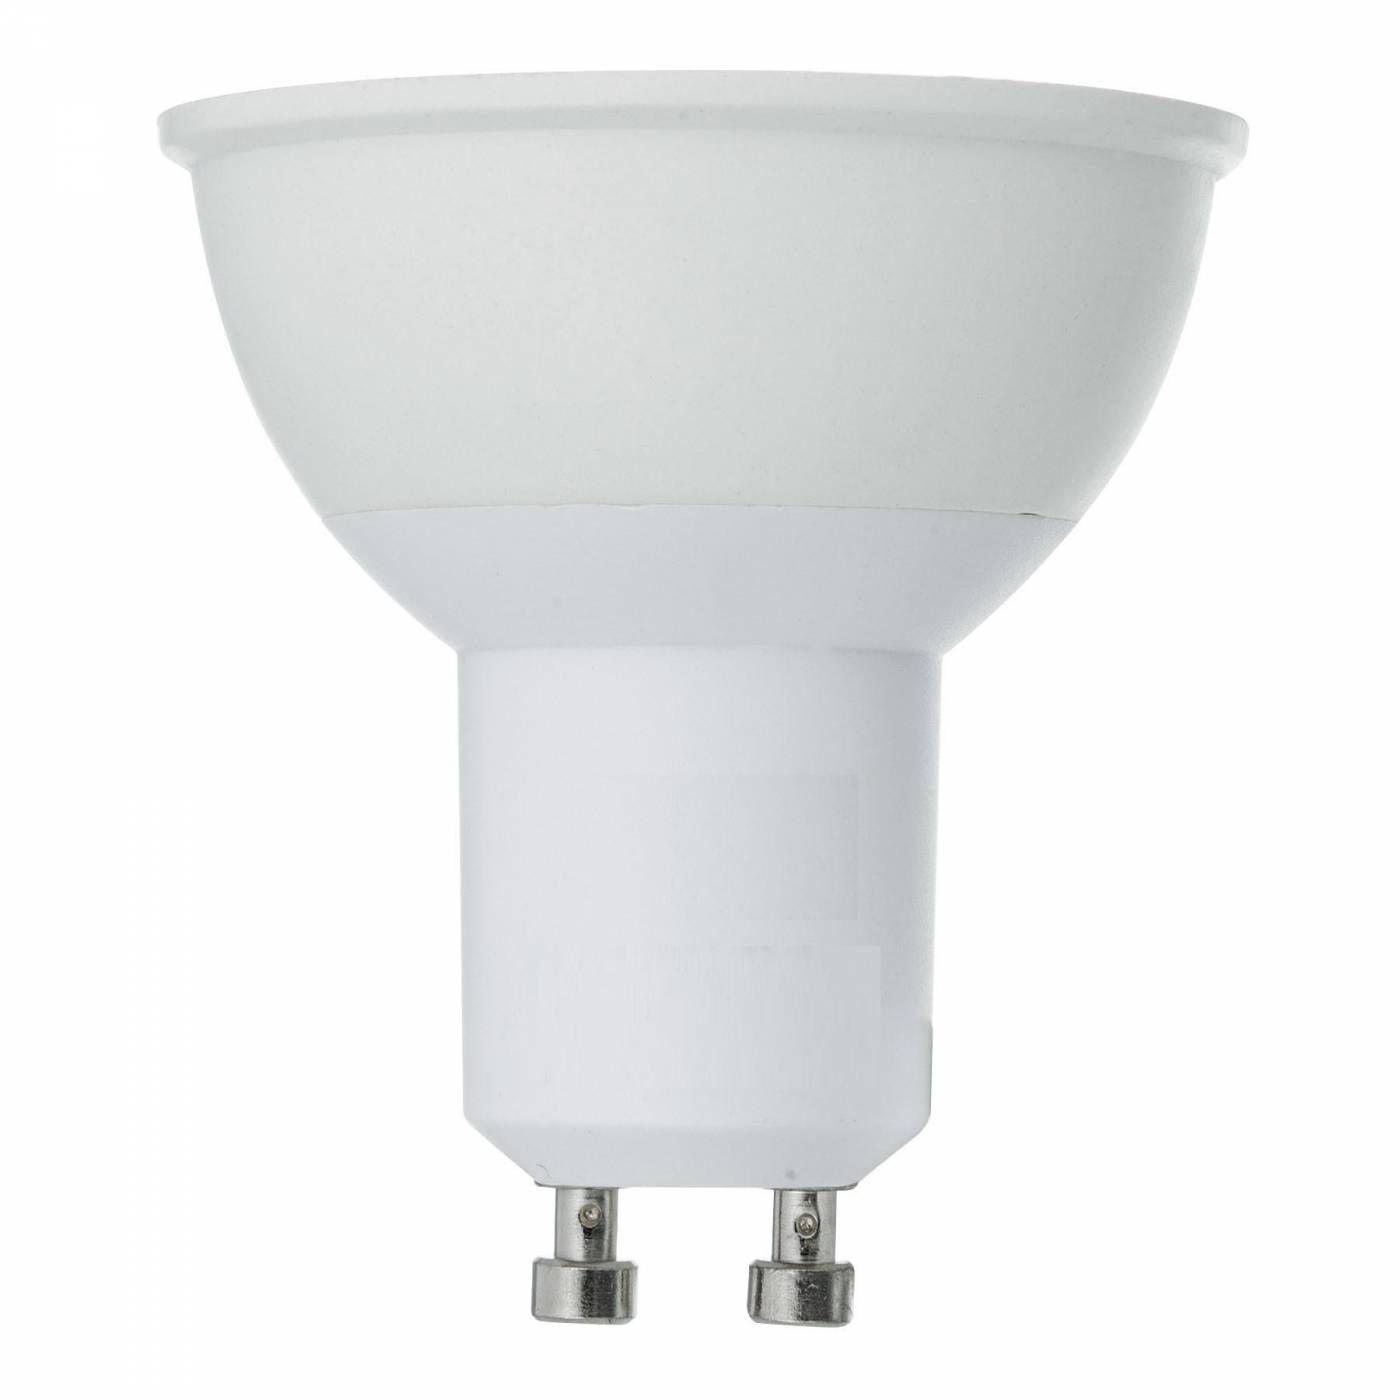 Lâmpada LED Dicroica 6W COB GU10 Bivolt - Branco Frio 6500K